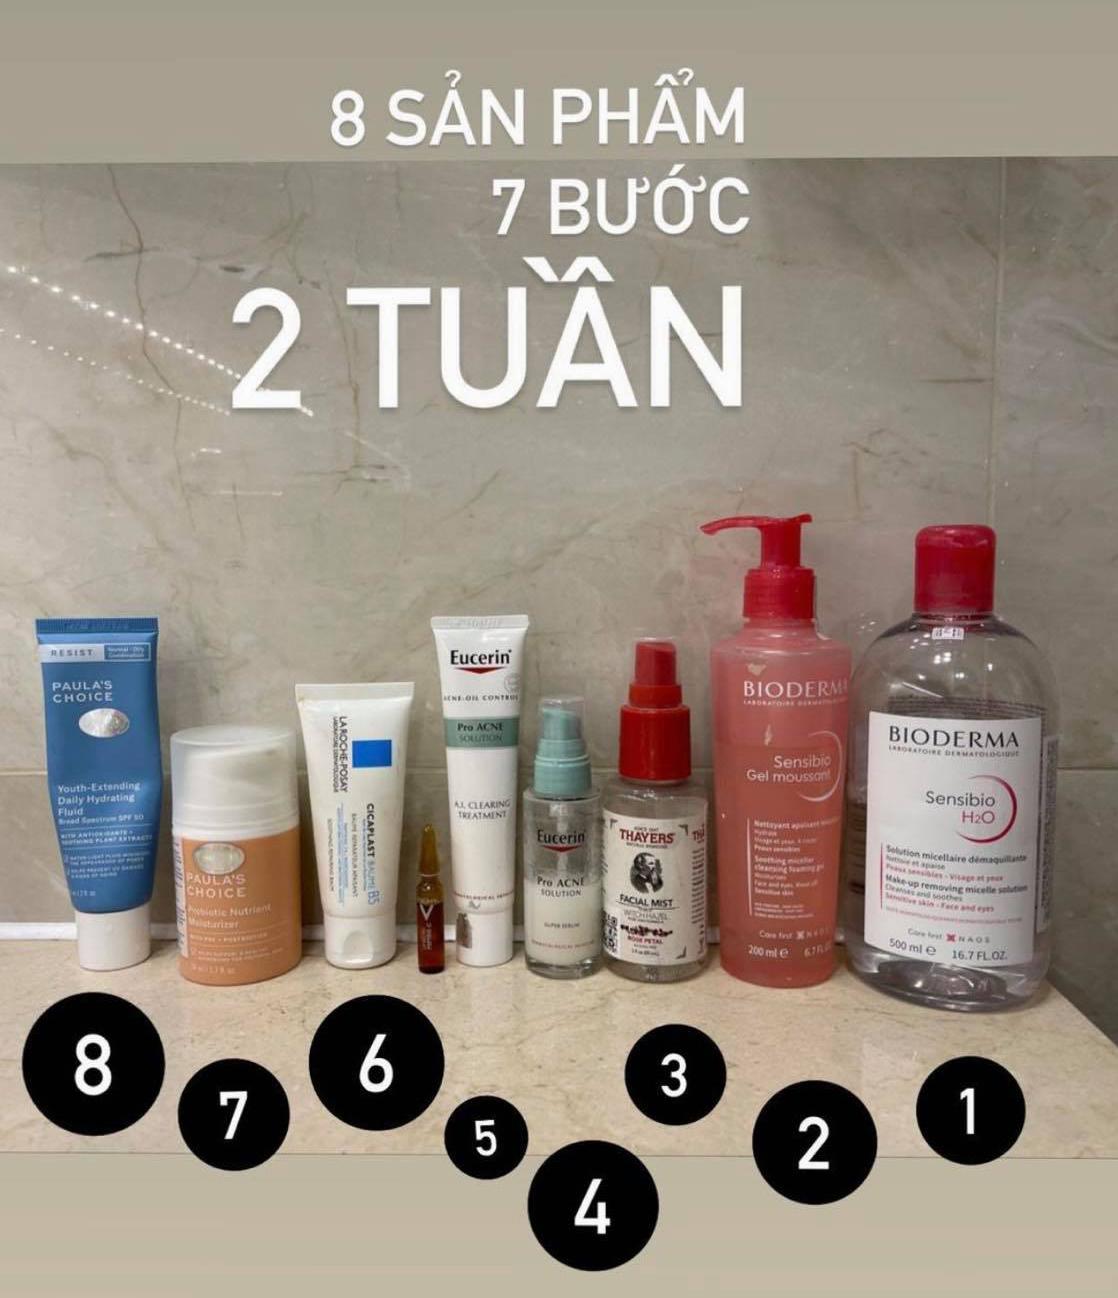 Chu trình chăm sóc da và các sản phẩm Hoàng Ku đang sử dụng.